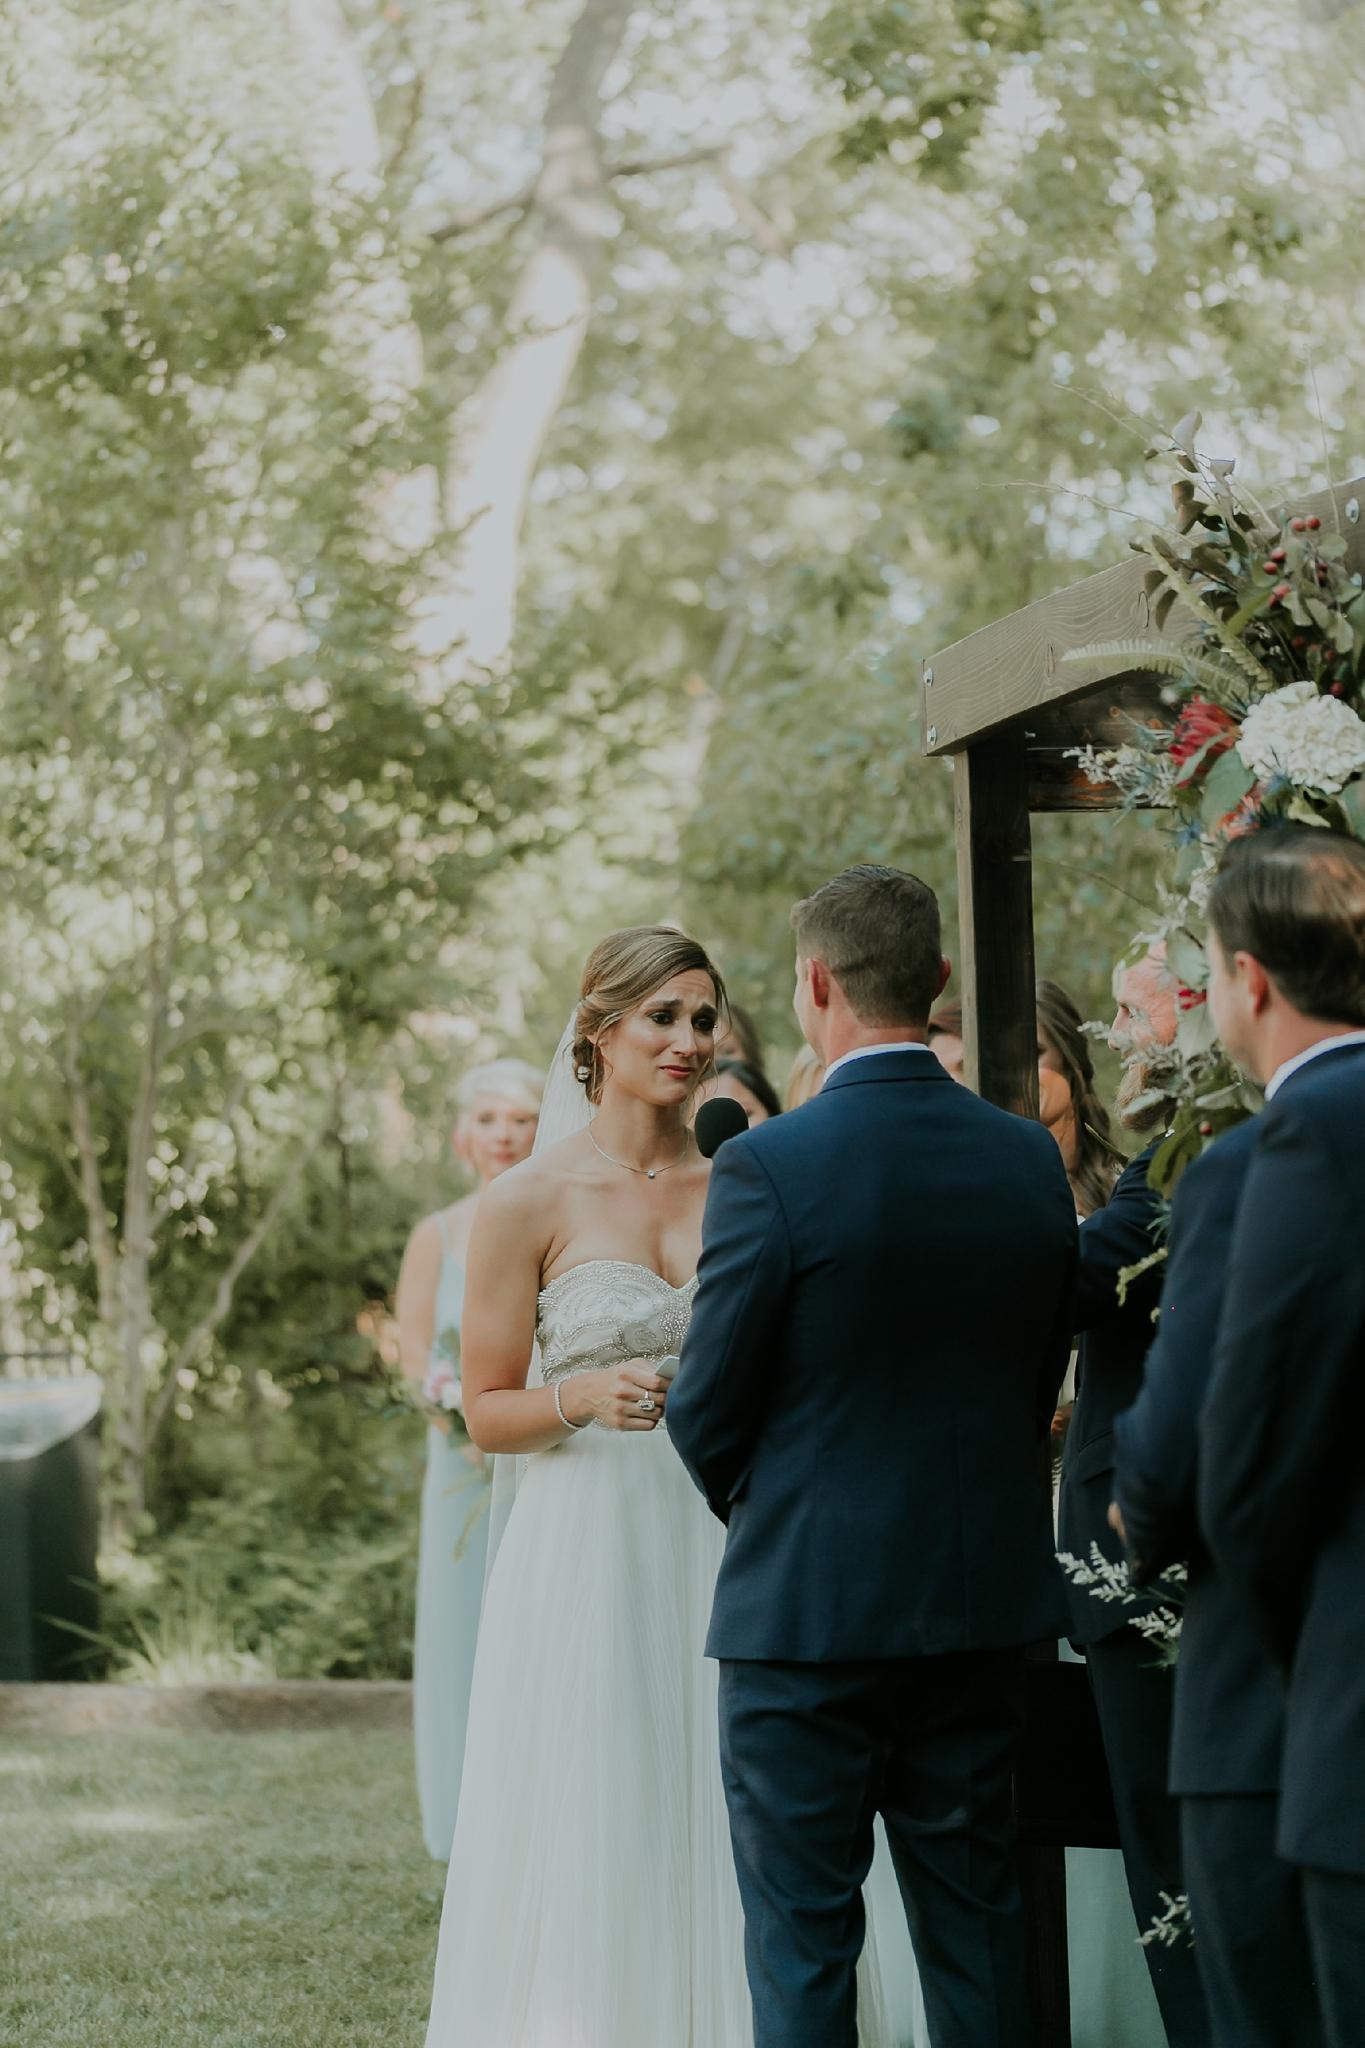 Alicia+lucia+photography+-+albuquerque+wedding+photographer+-+santa+fe+wedding+photography+-+new+mexico+wedding+photographer+-+new+mexico+wedding+-+wedding+vows+-+writing+your+own+vows+-+wedding+inspo_0047.jpg